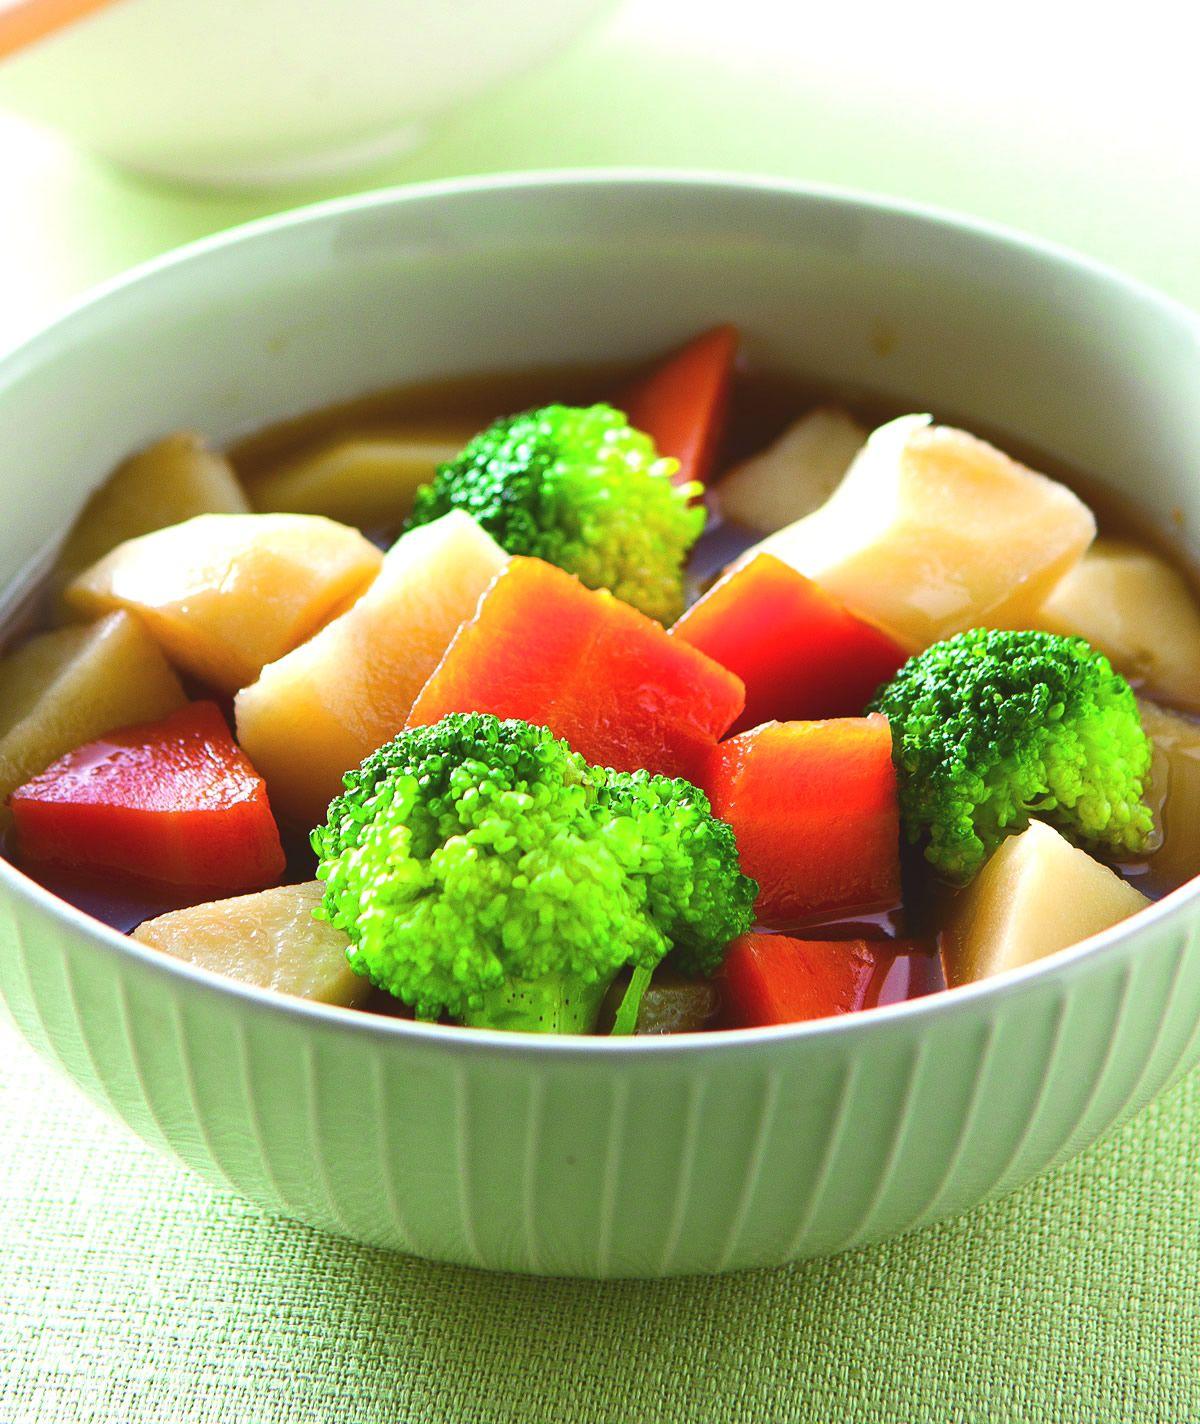 食譜:馬鈴薯燉紅蘿蔔